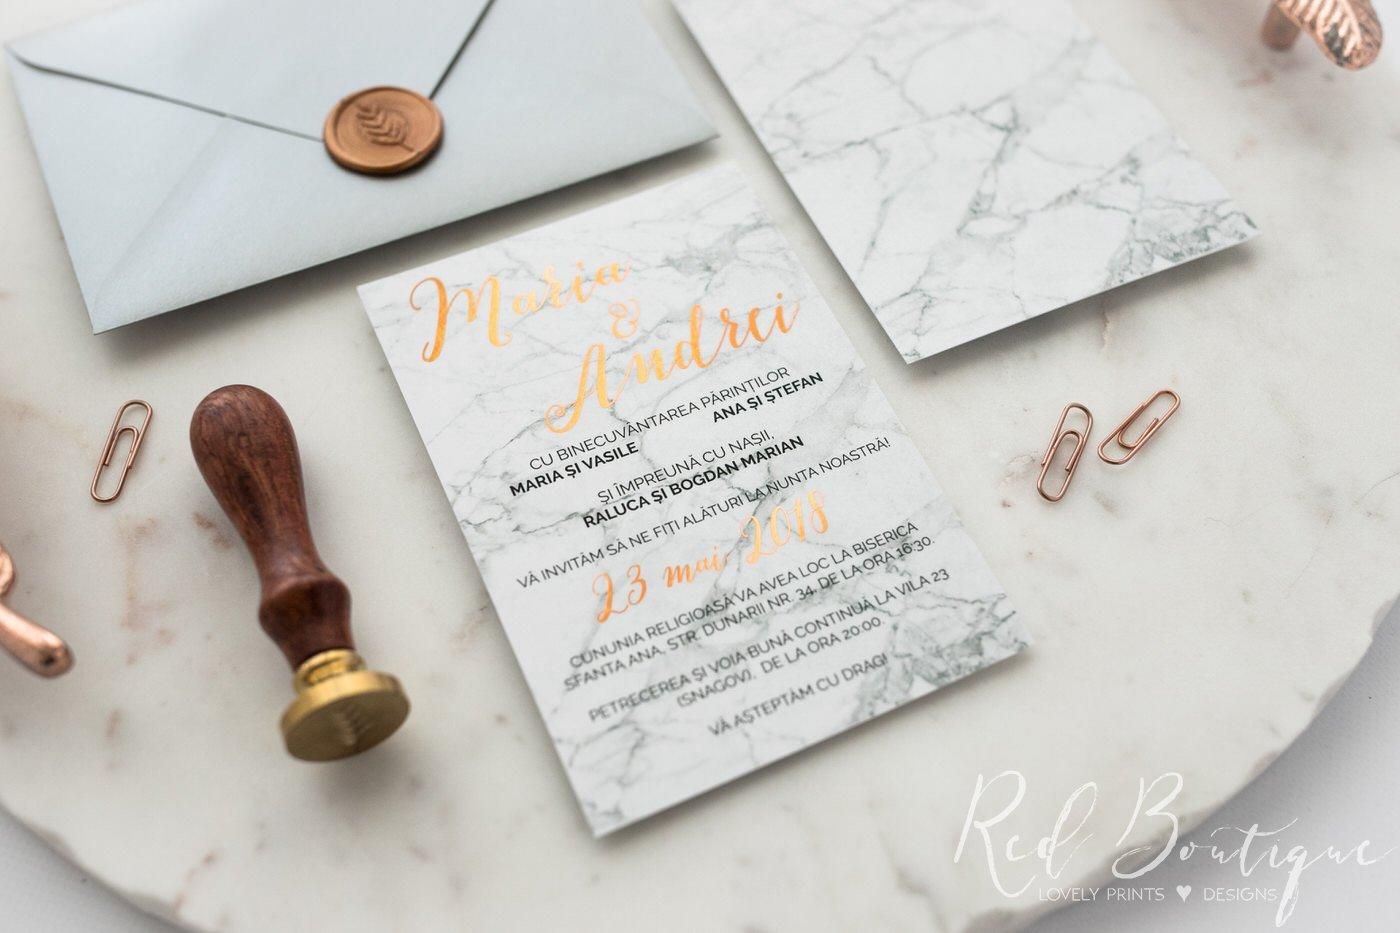 invitatie eleganta cu marmura alba pe hartie mata cu scris rose gold si sigiliu